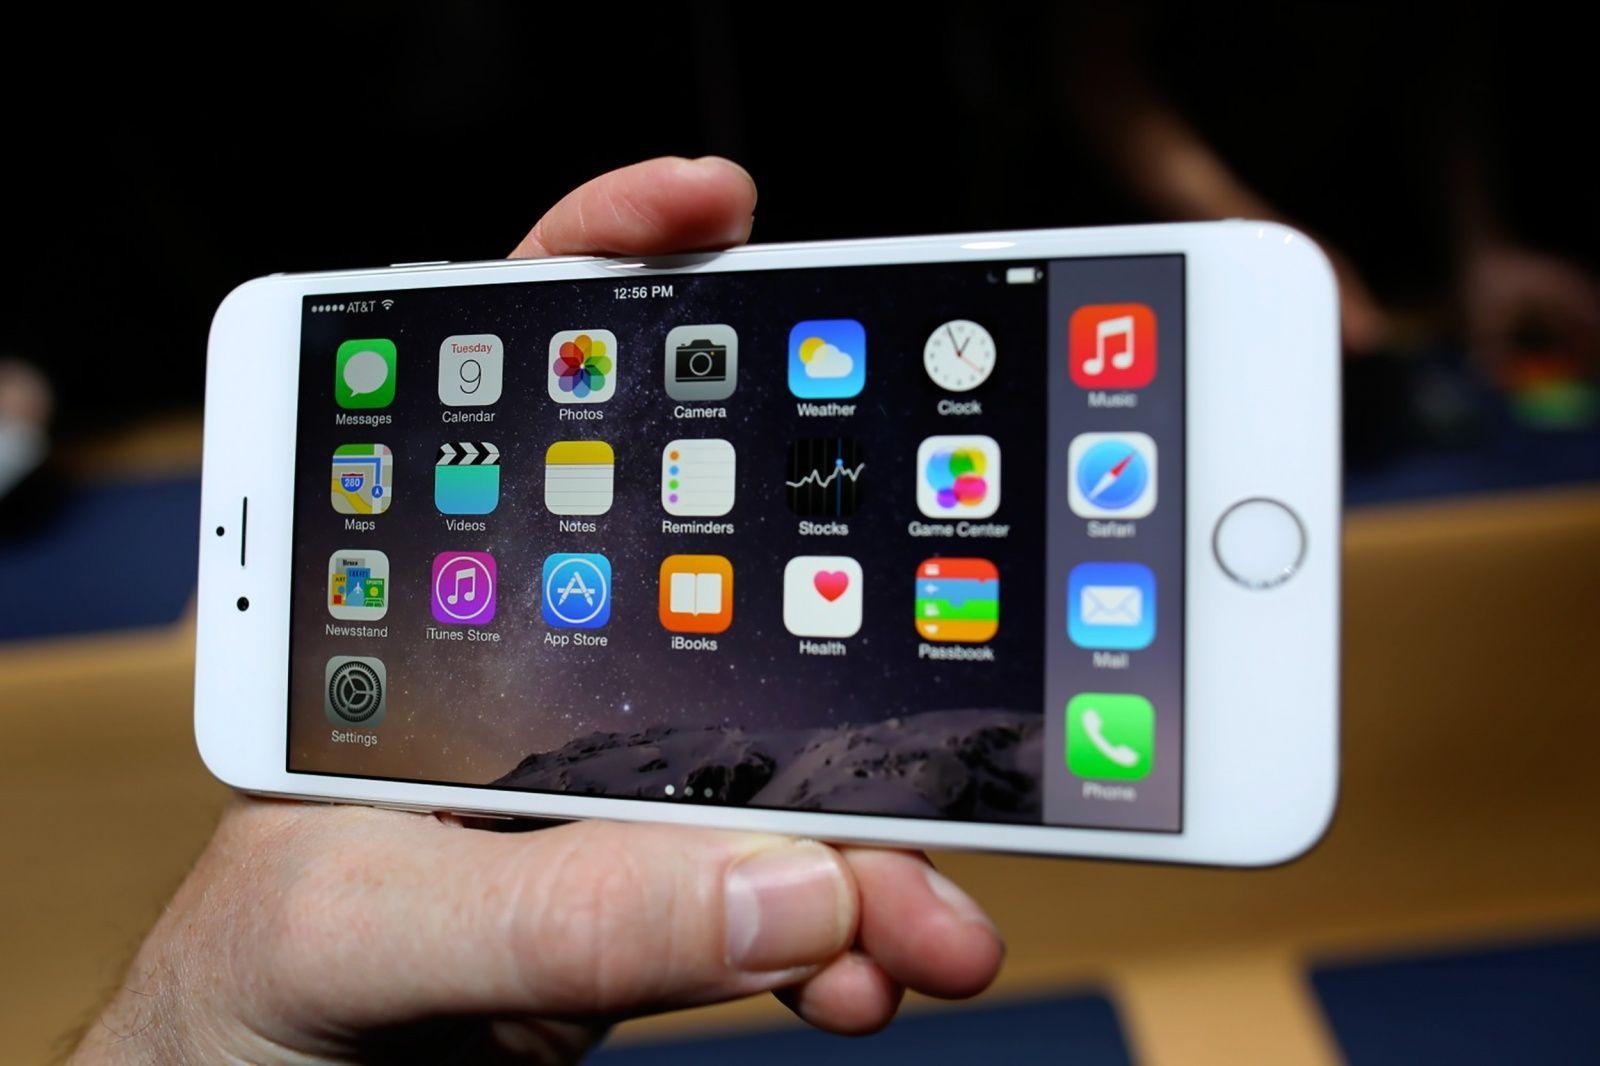 صورة iPhone 6 Plus review